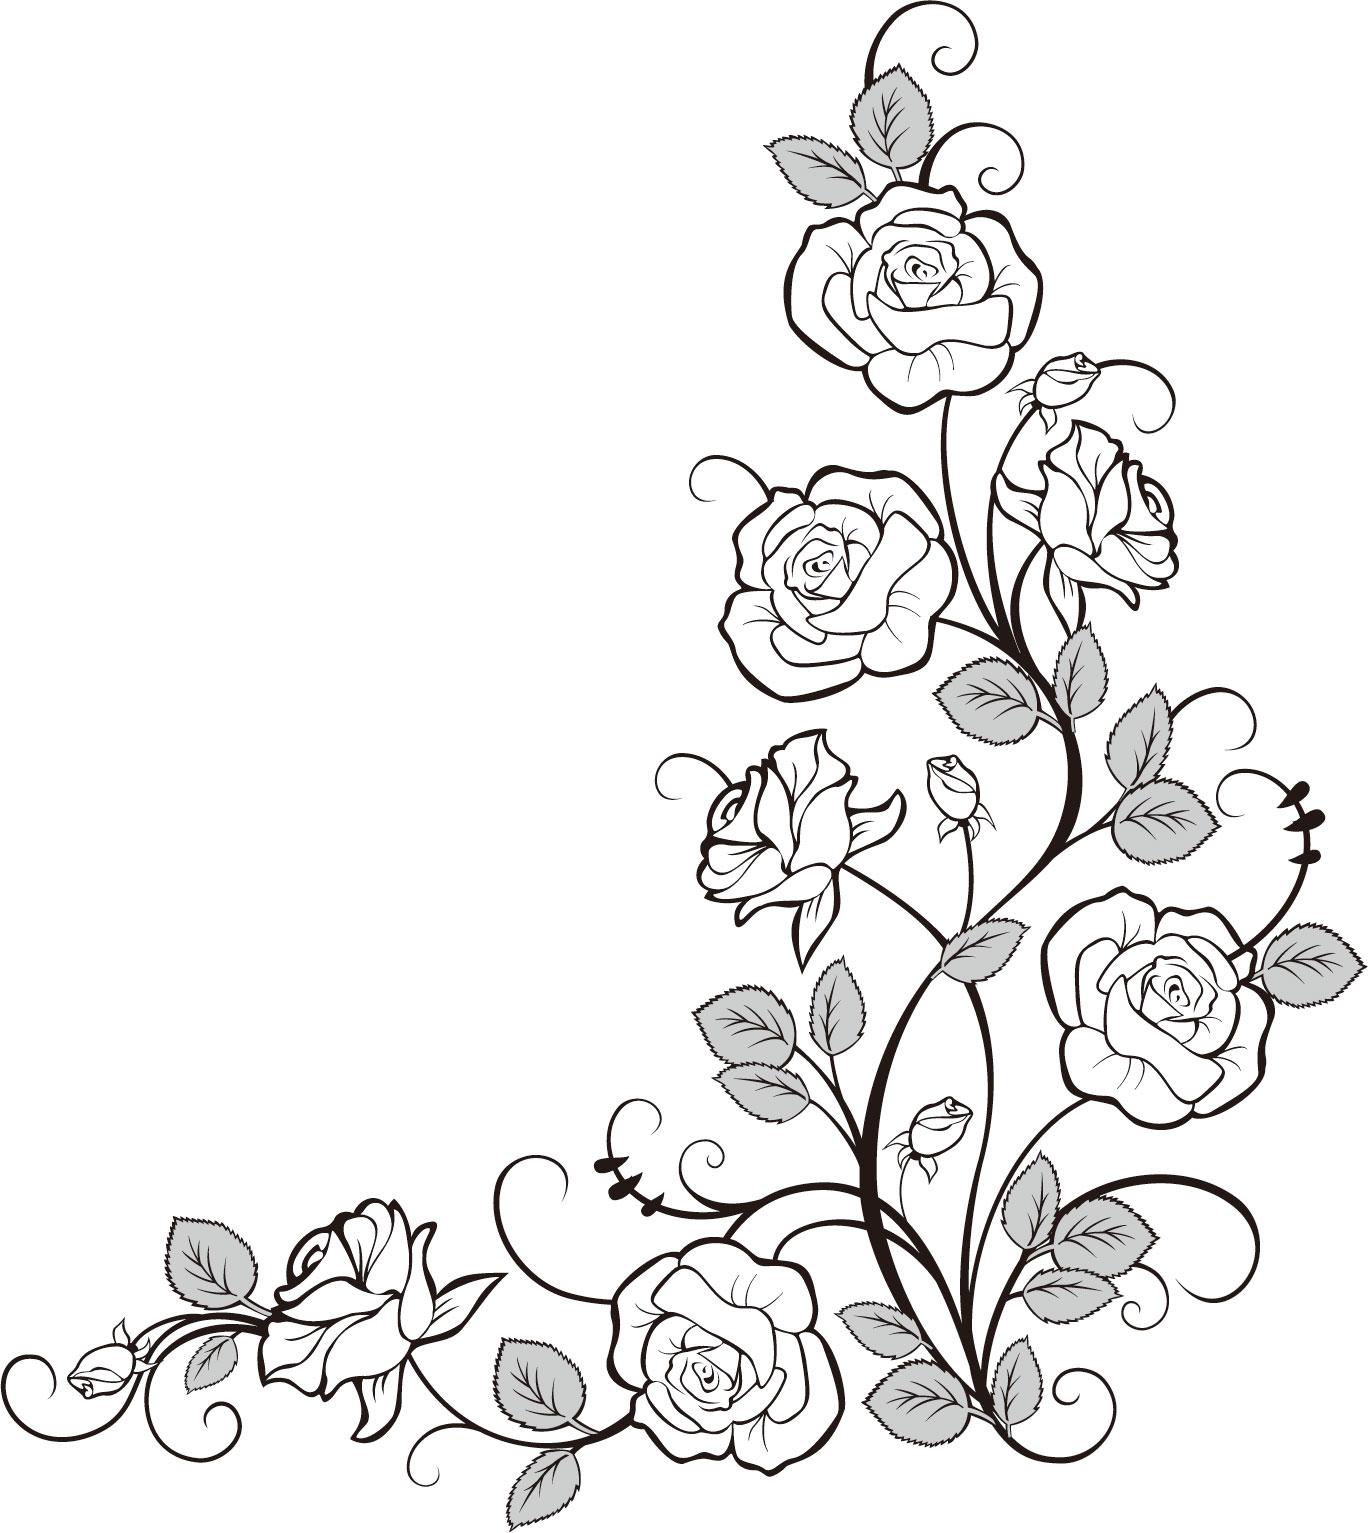 Line Art Flower Border : バラのイラスト・画像no 『バラの装飾素材・コーナー用』/無料のフリー素材集【百花繚乱】